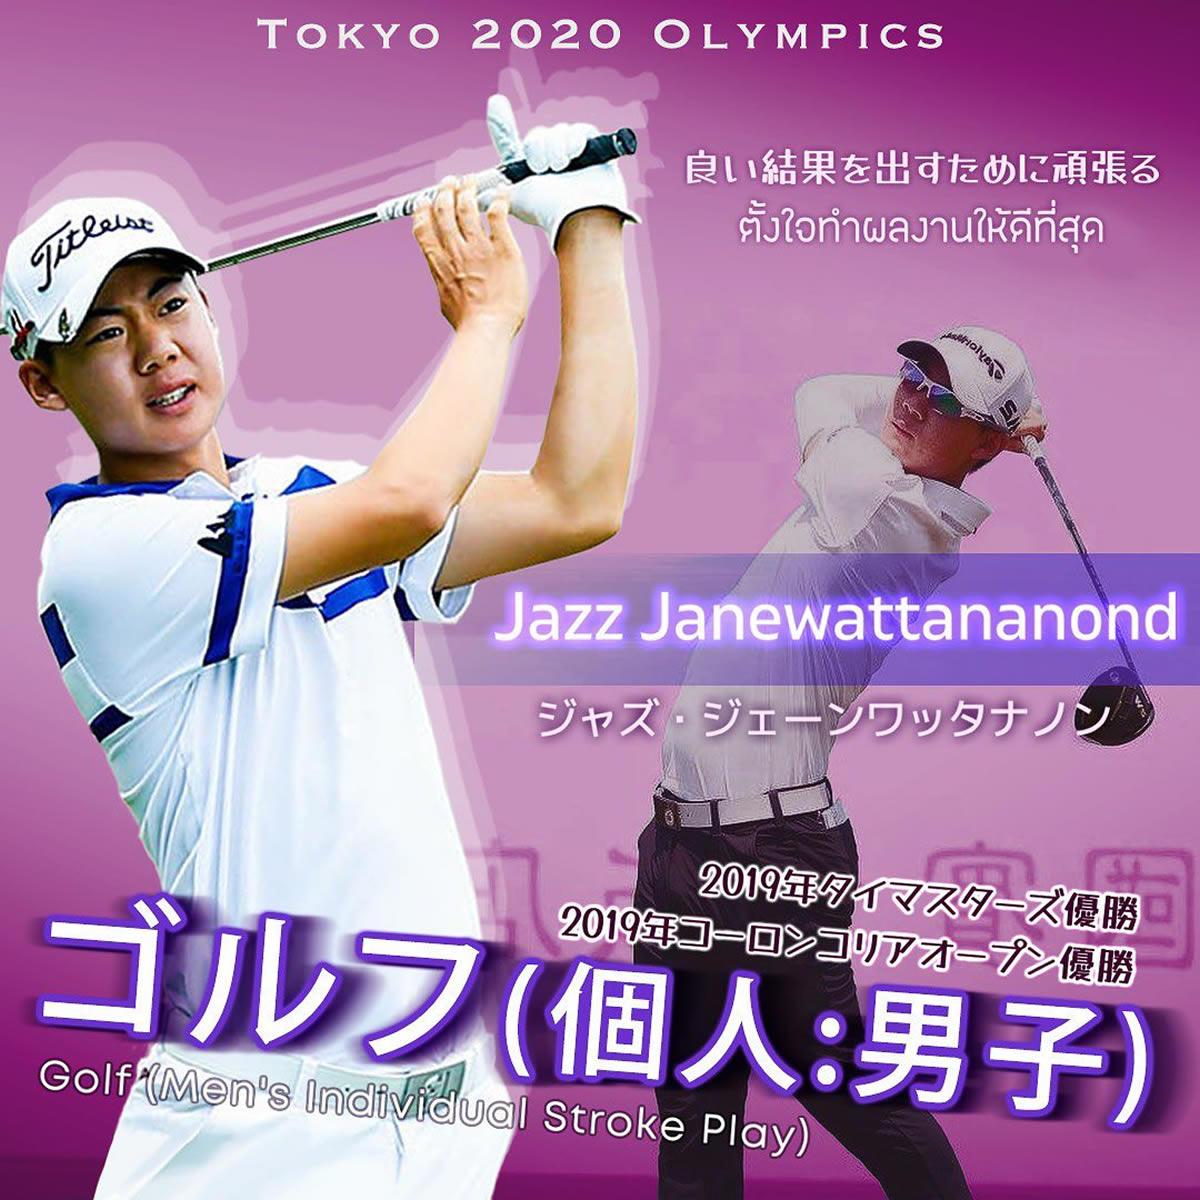 アティウィット・ジェーンワッタナーノン(ジャズ)選手[ゴルフ タイ代表]東京2020オリンピック